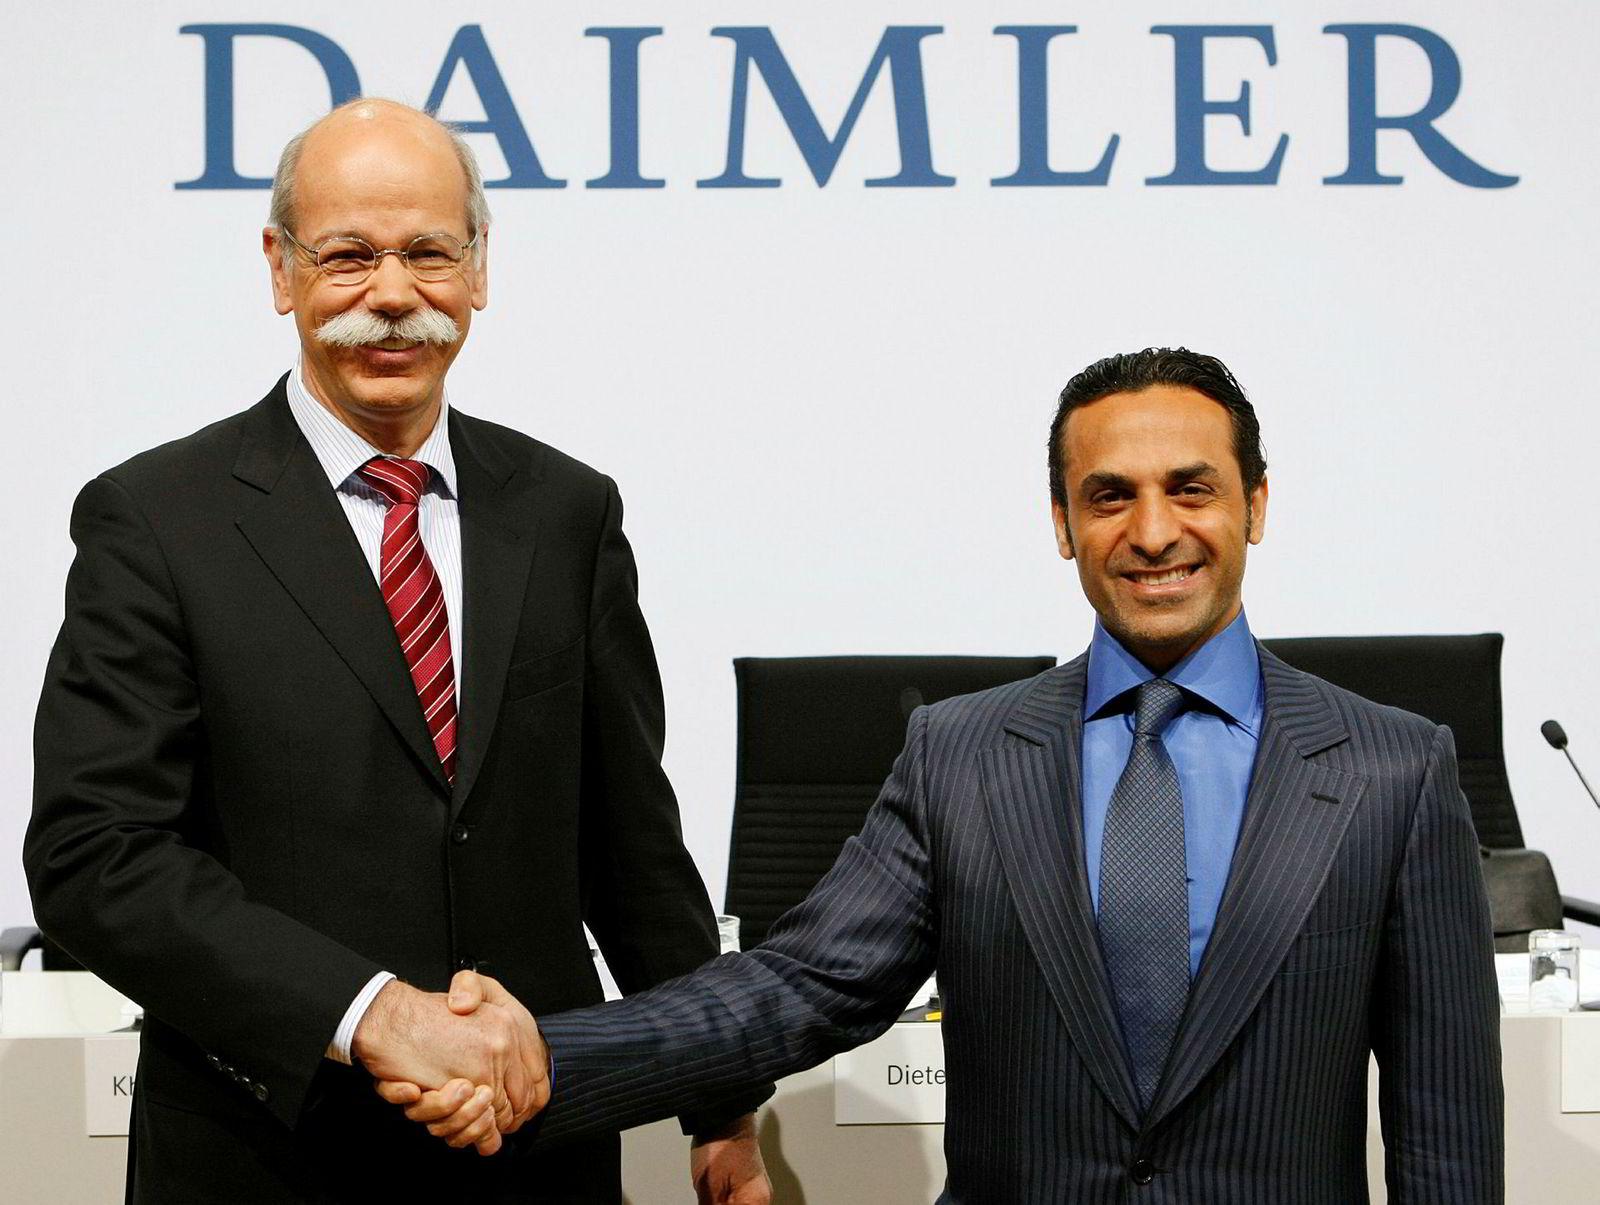 Al-Qubaisi, her med Daimler-sjef Dieter Zetsche (t.v.) da Ipic kjøpte seg inn og ble største aksjonær i den tyske bilprodusenten mars, 2009.